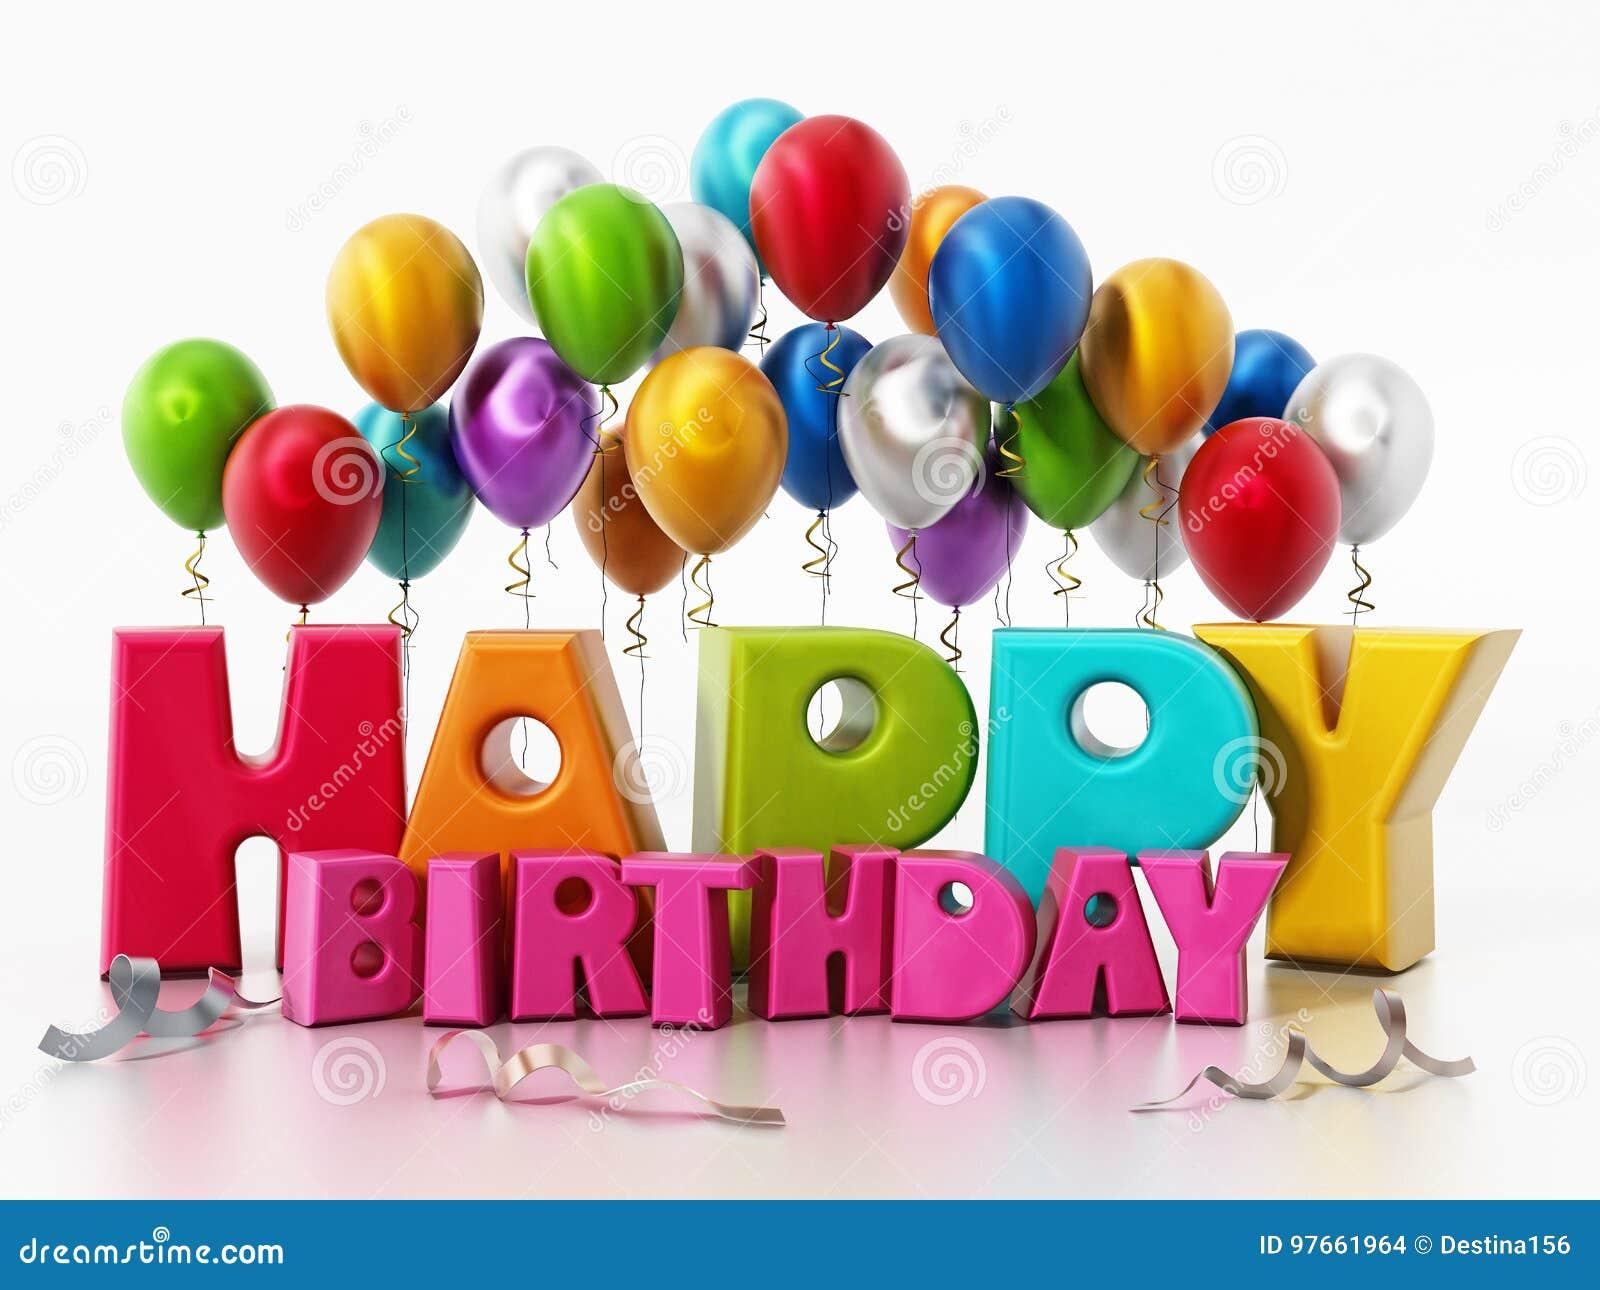 Поздравления с днем рождения улыбайся